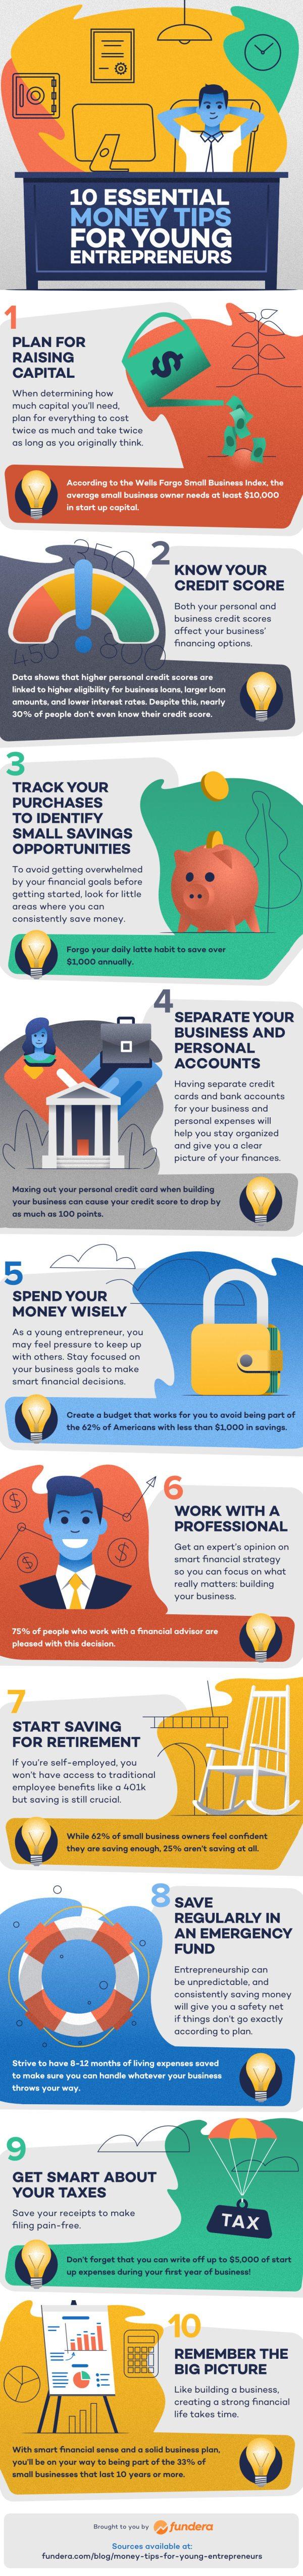 Tips for New Entrepreneurs -- An Infographic